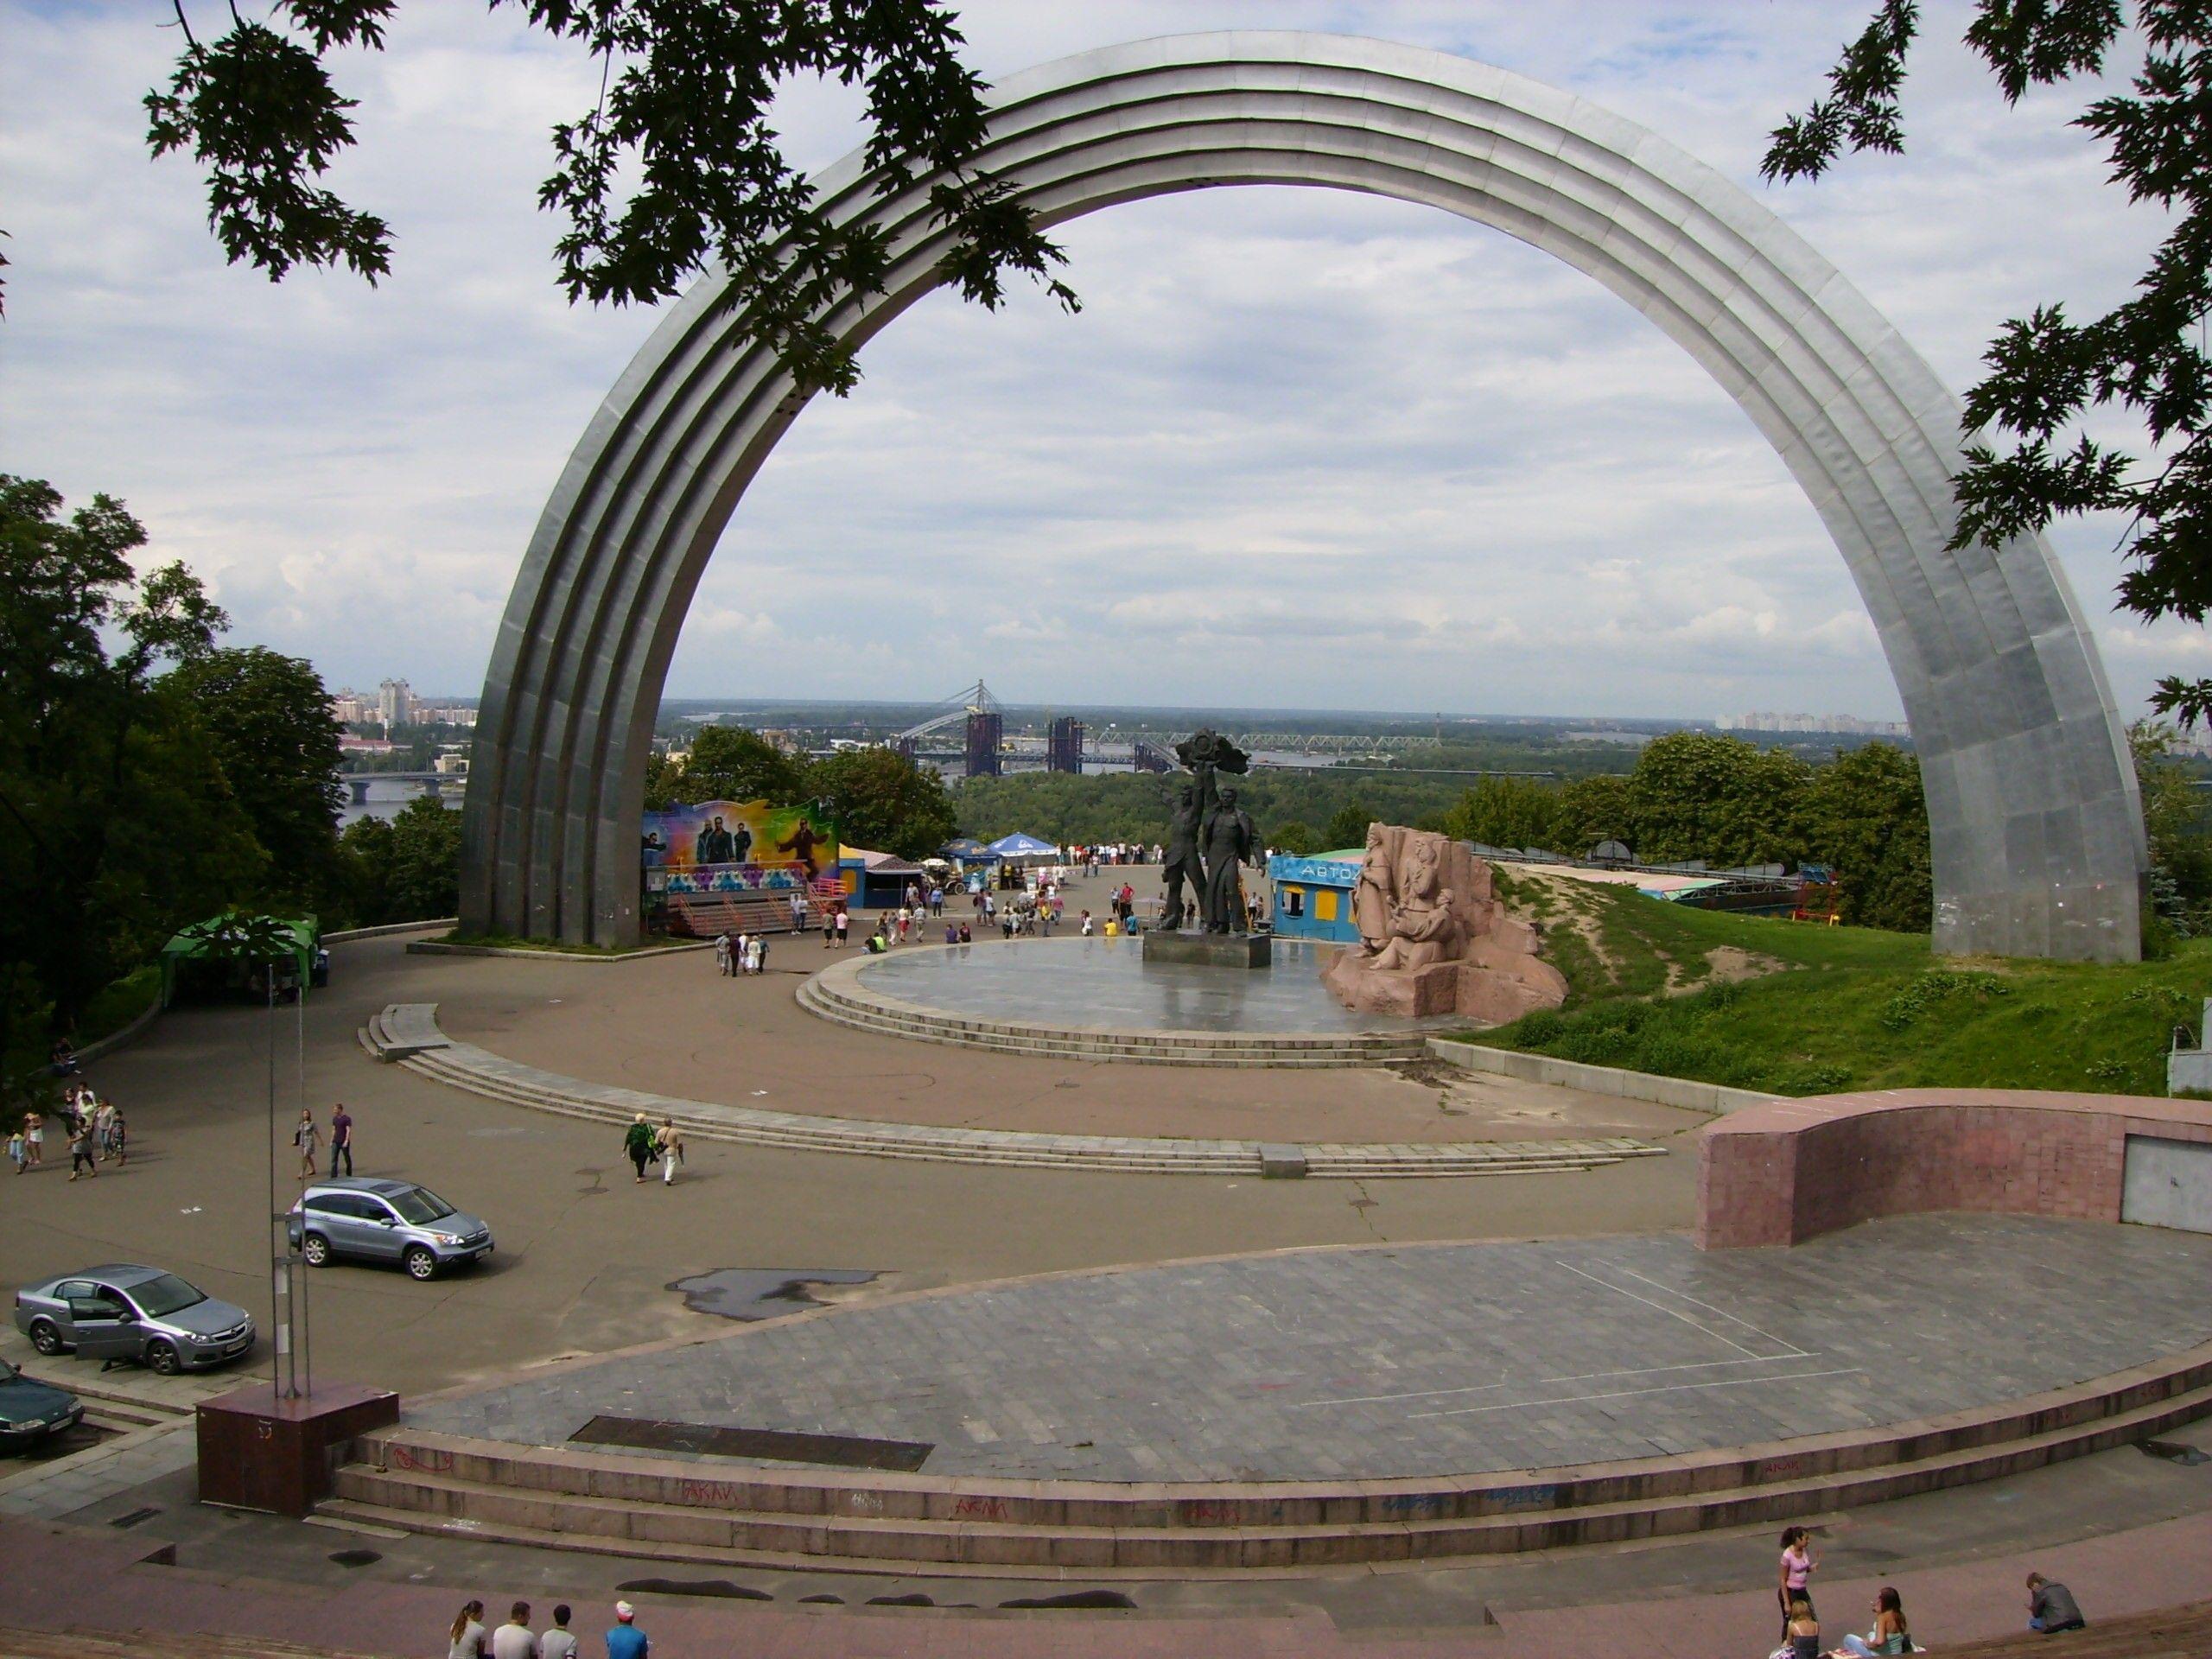 Арку дружбы народов в Киеве сносить не будут: в музей перенесут только скульптурную композицию, - пресс-секретарь Нищука - Цензор.НЕТ 2709